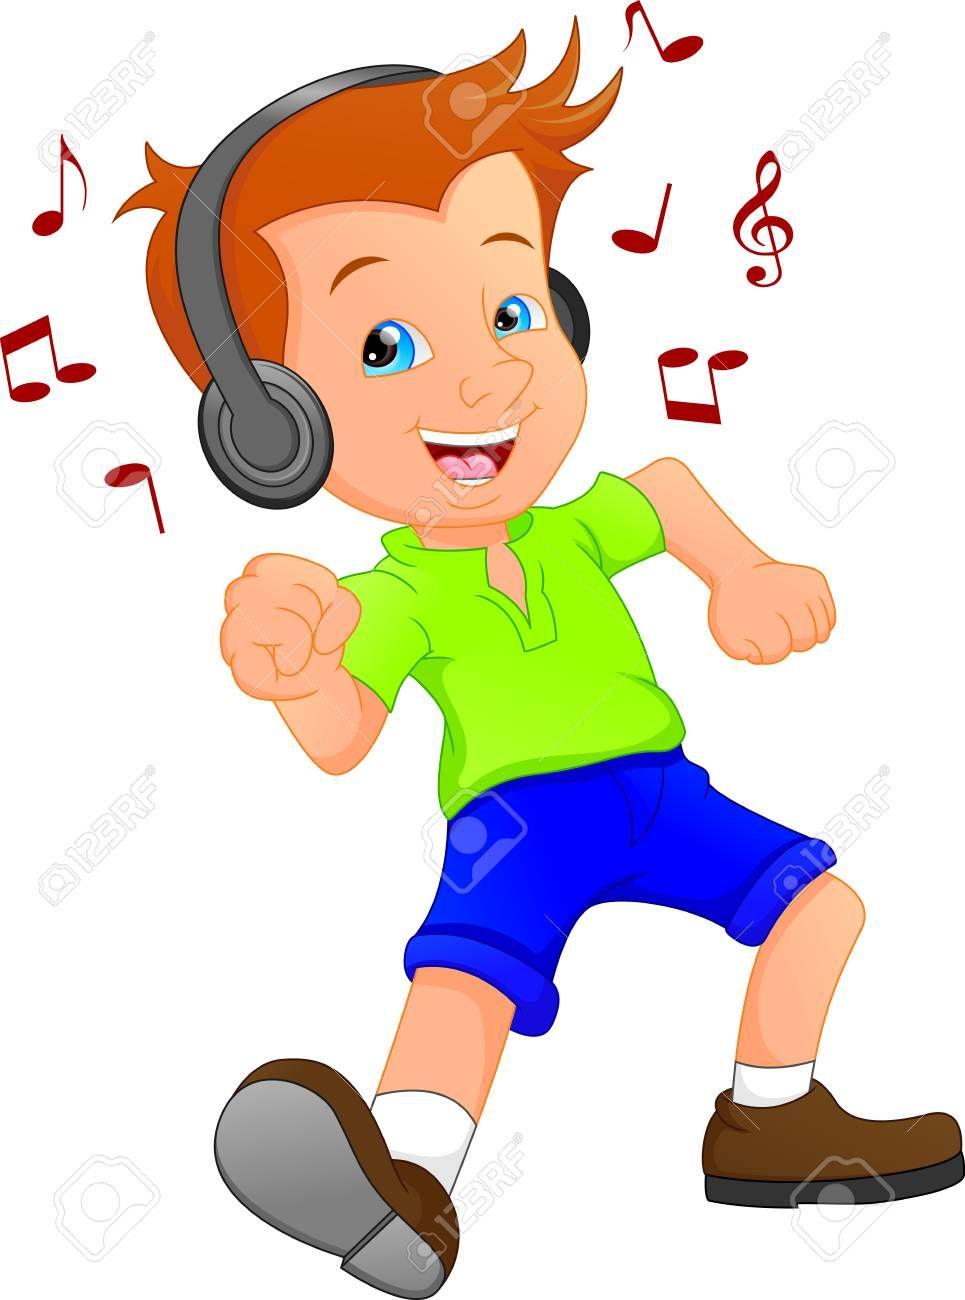 Un Nino Divertido De Dibujos Animados Escuchando Musica Y Bailando Foto De Archivo 90818384 Nino Escuchando Musica Escuchando Musica Ninos Bailando